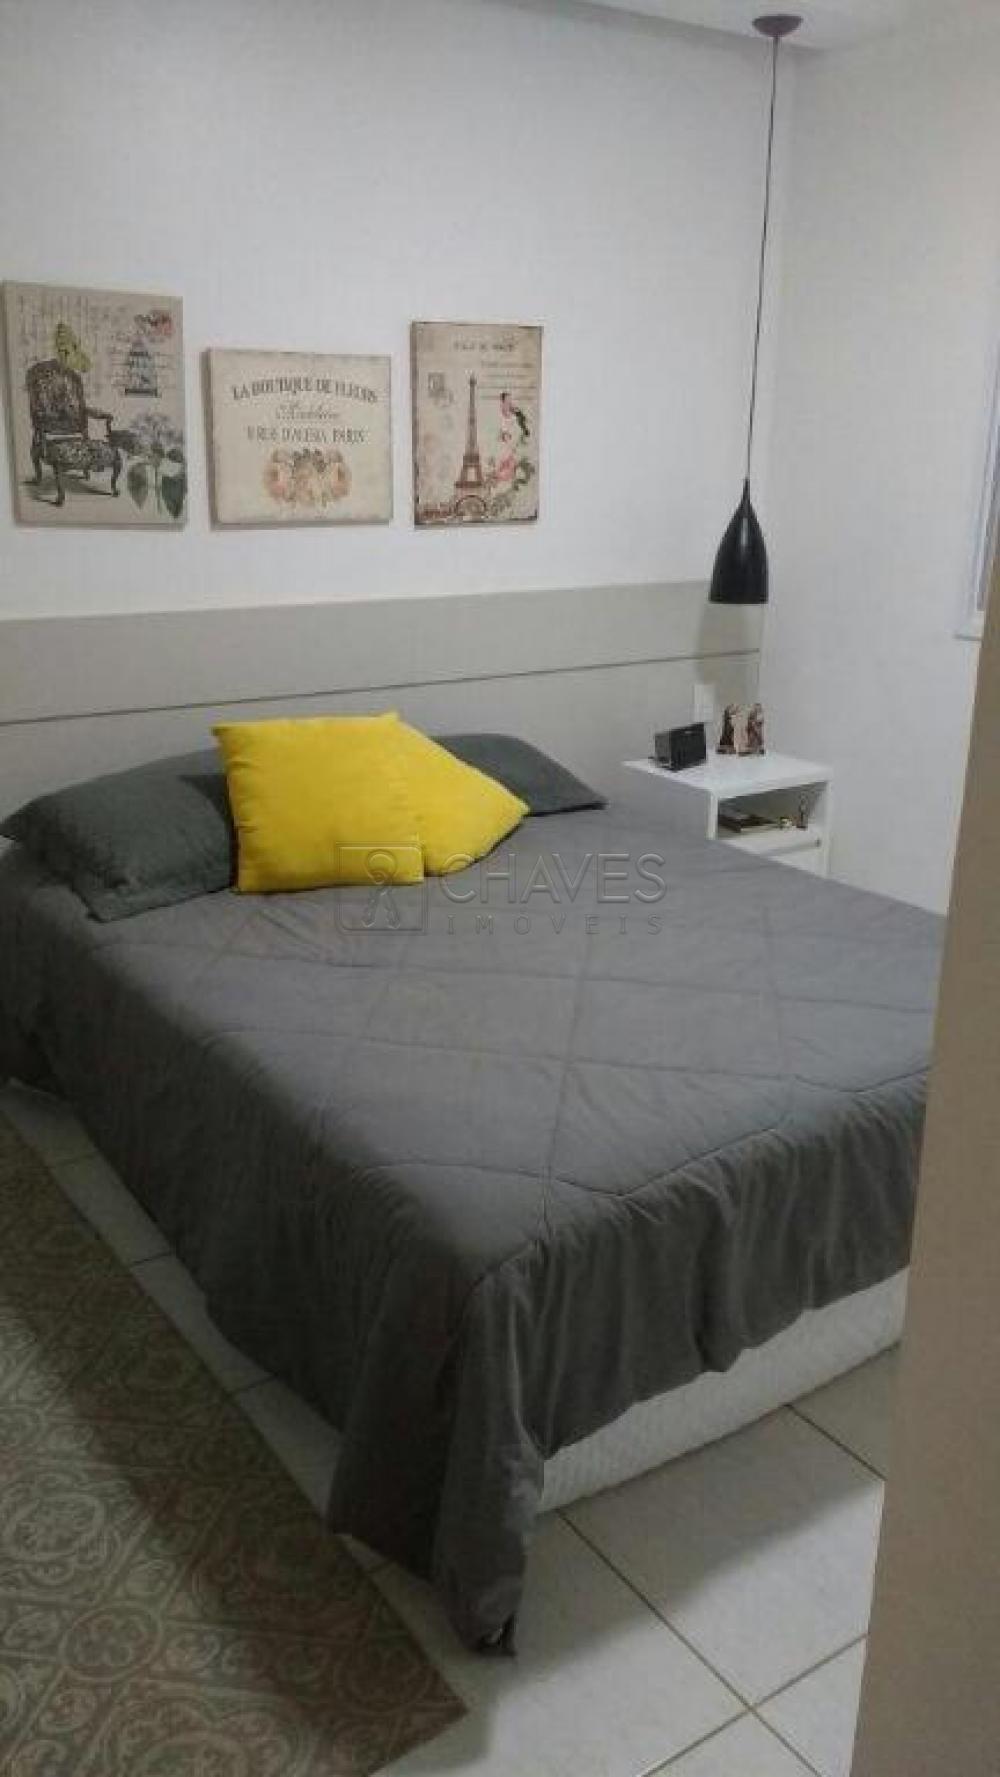 Comprar Apartamento / Padrão em Ribeirão Preto apenas R$ 420.000,00 - Foto 14